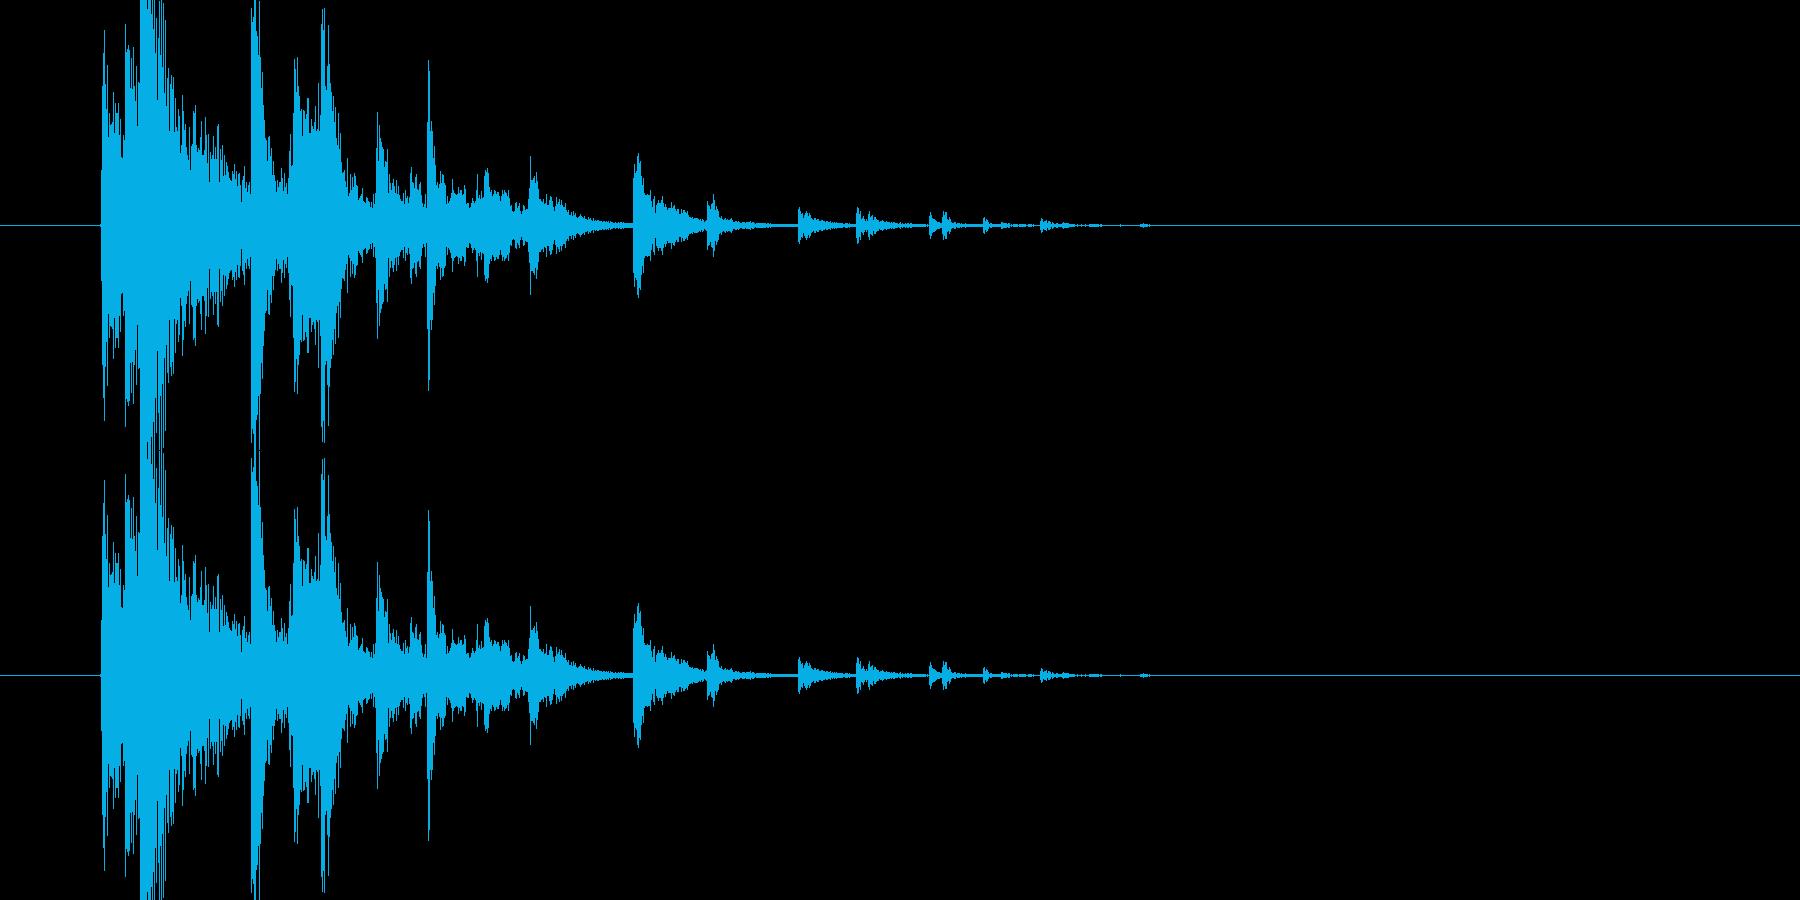 カランカラン(食器の物音)の再生済みの波形